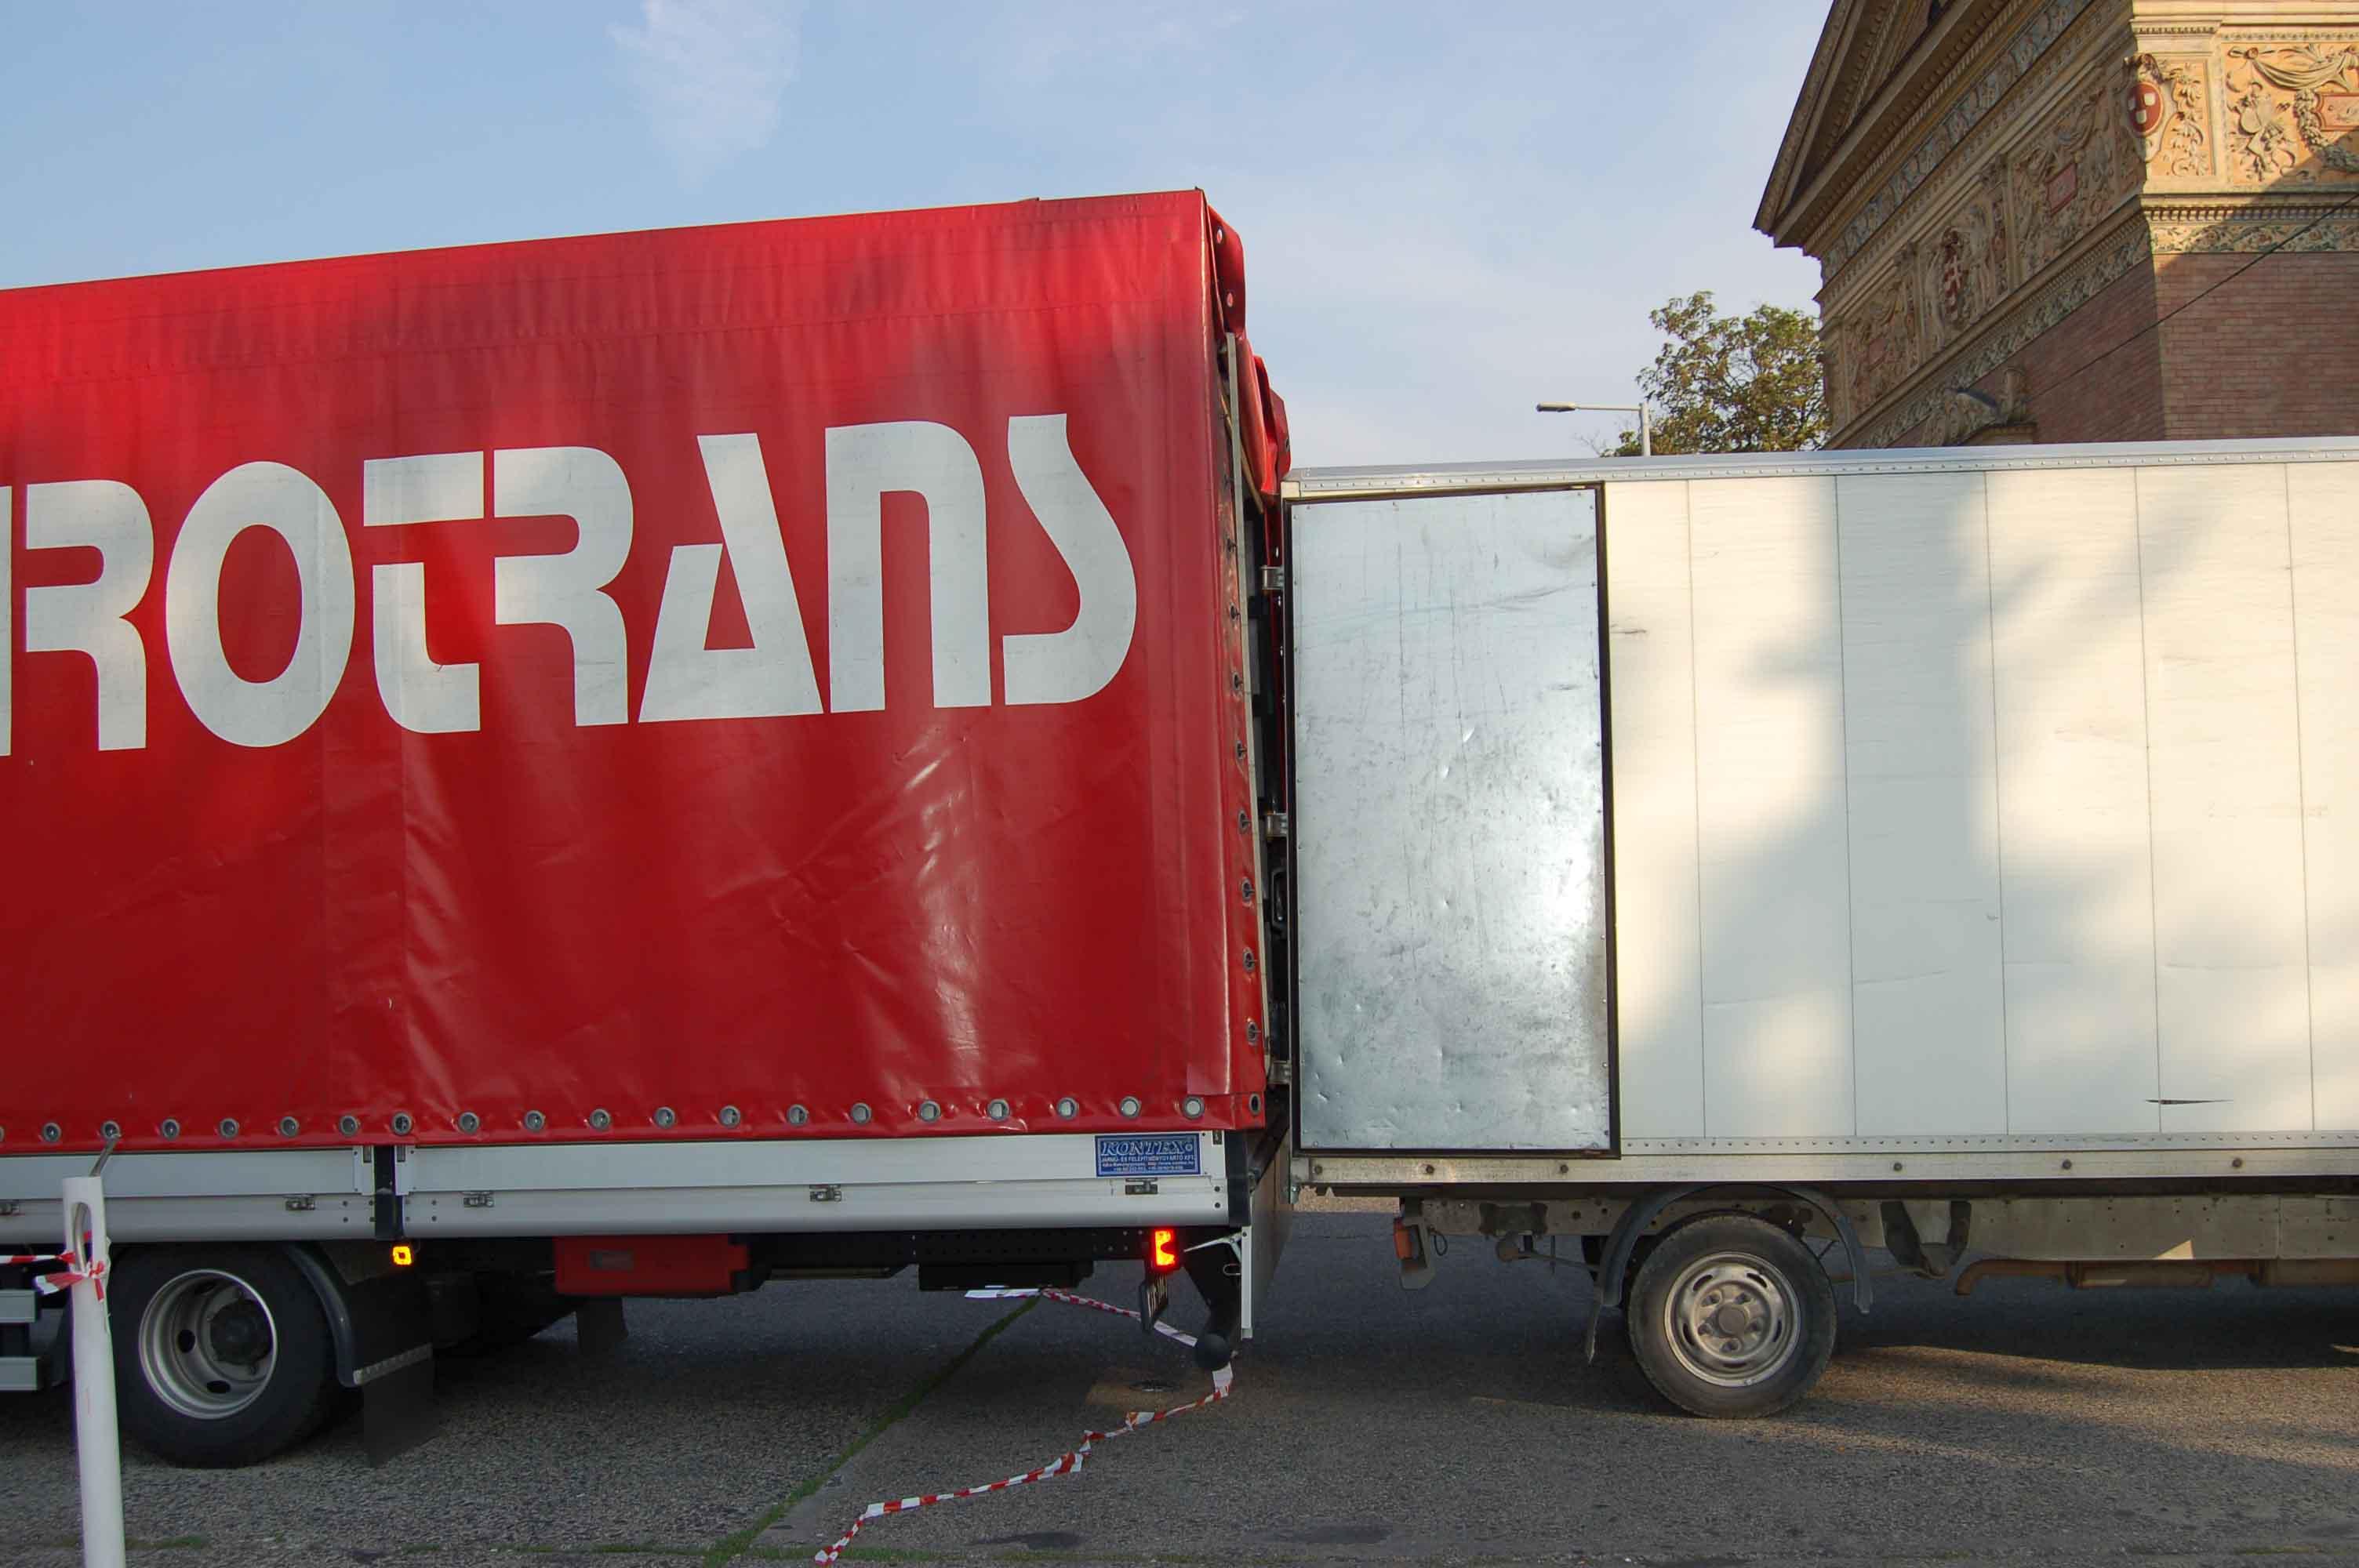 trucks_love_each_other.jpg